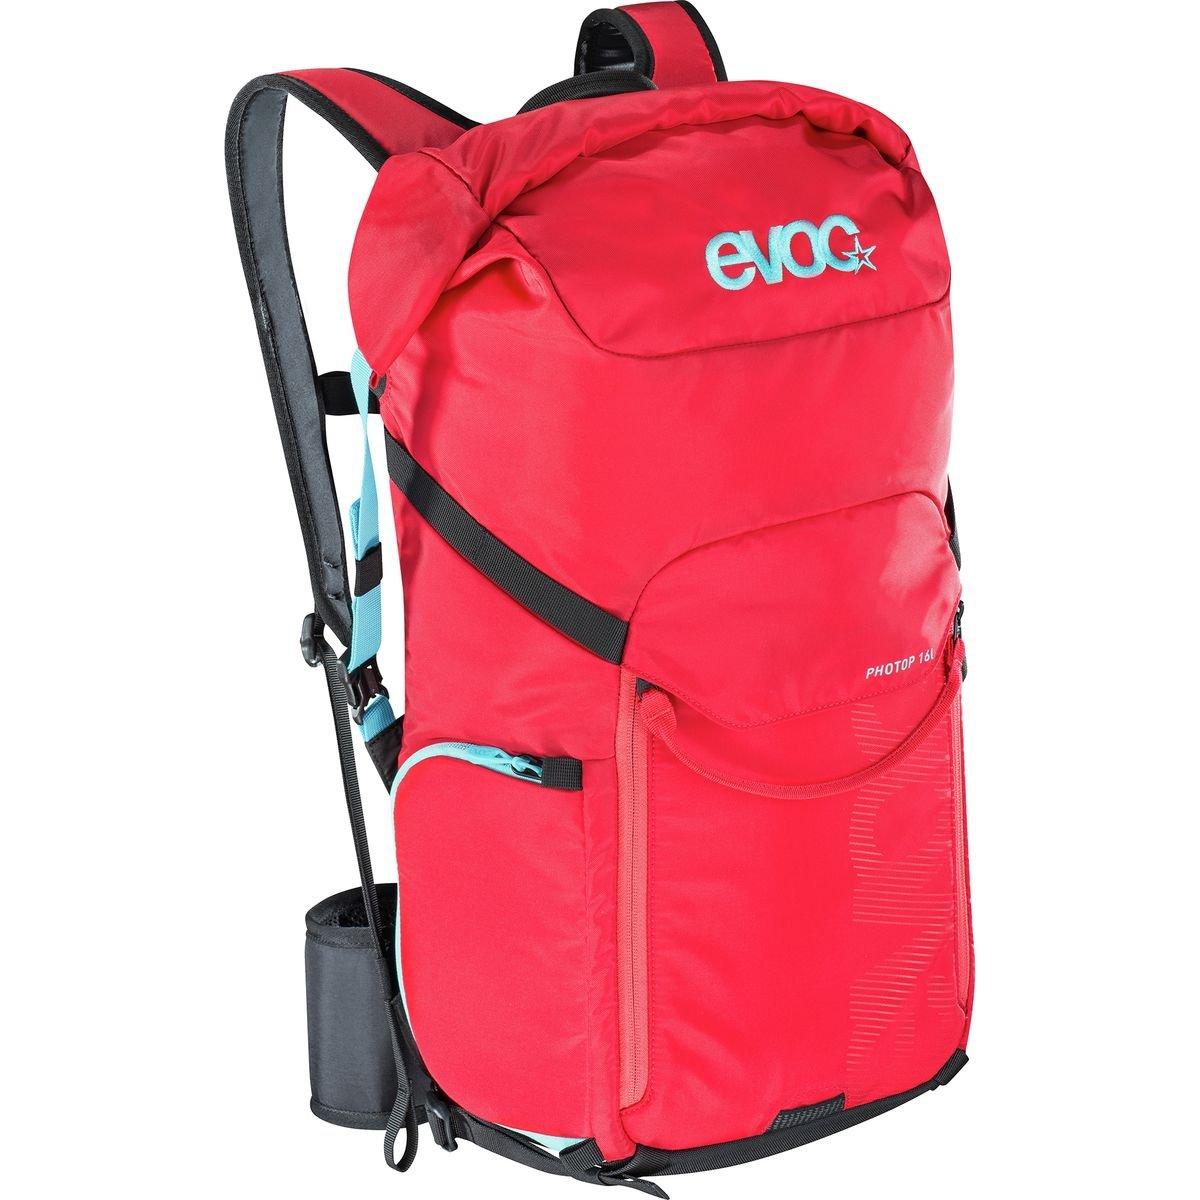 EVOC photop Tasche für Camera Unisex Erwachsene EVOC Sports Photo Rucksack Red 501308500